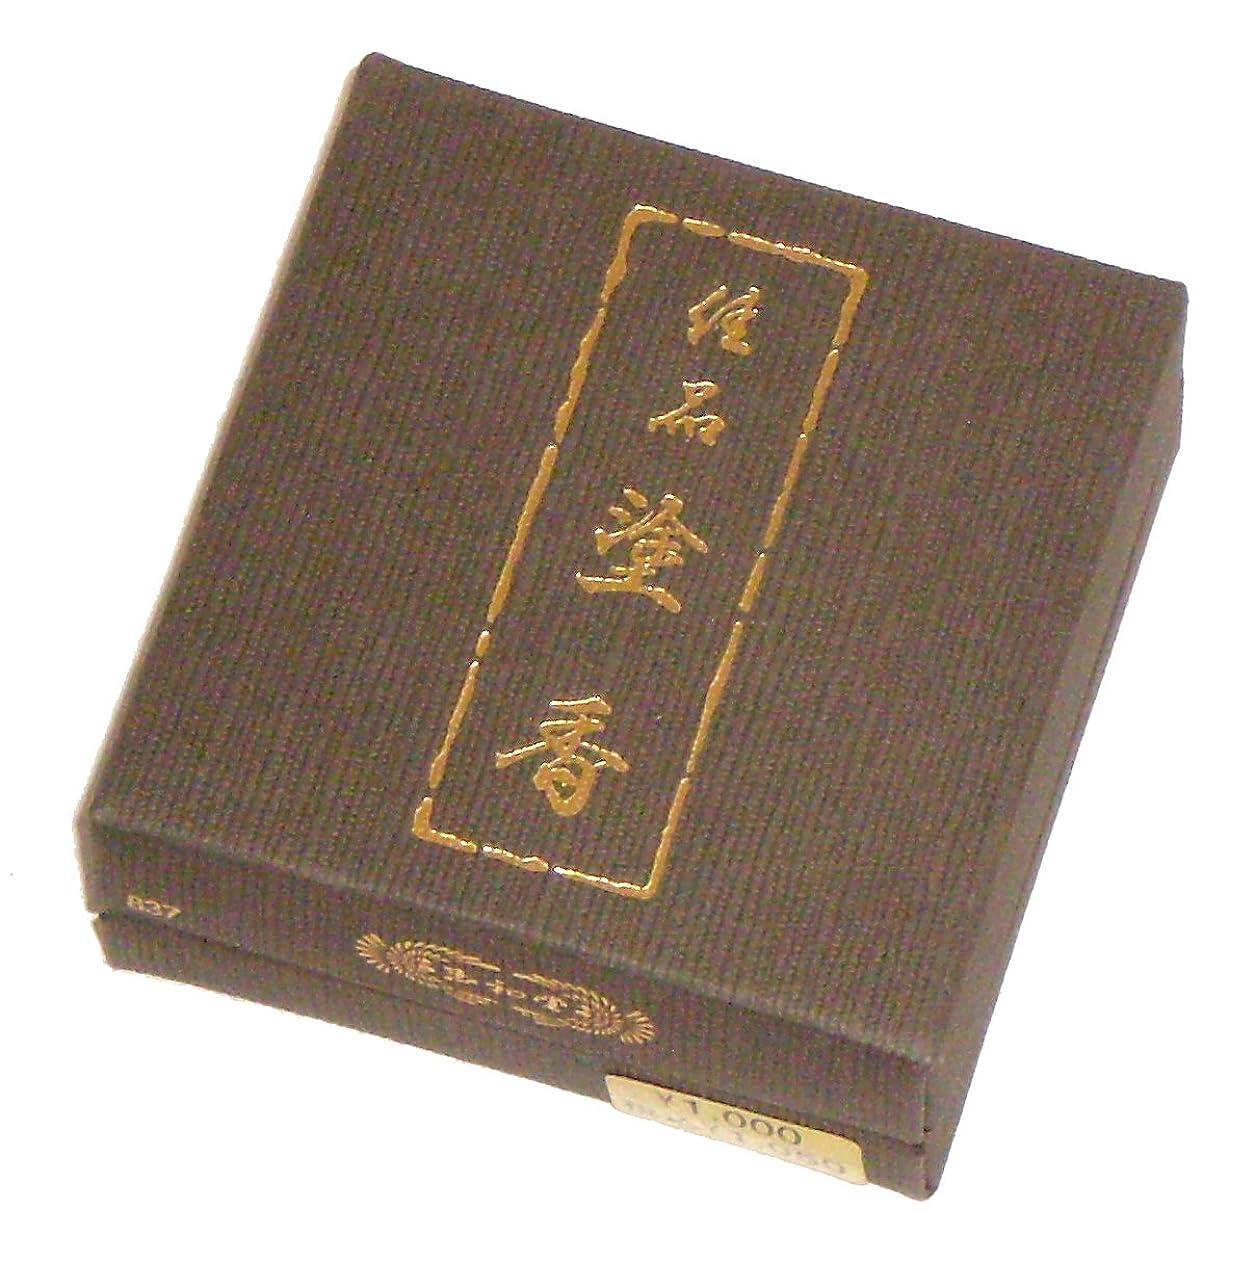 守る欺くエール玉初堂のお香 佳品塗香 15g 紙箱 #837